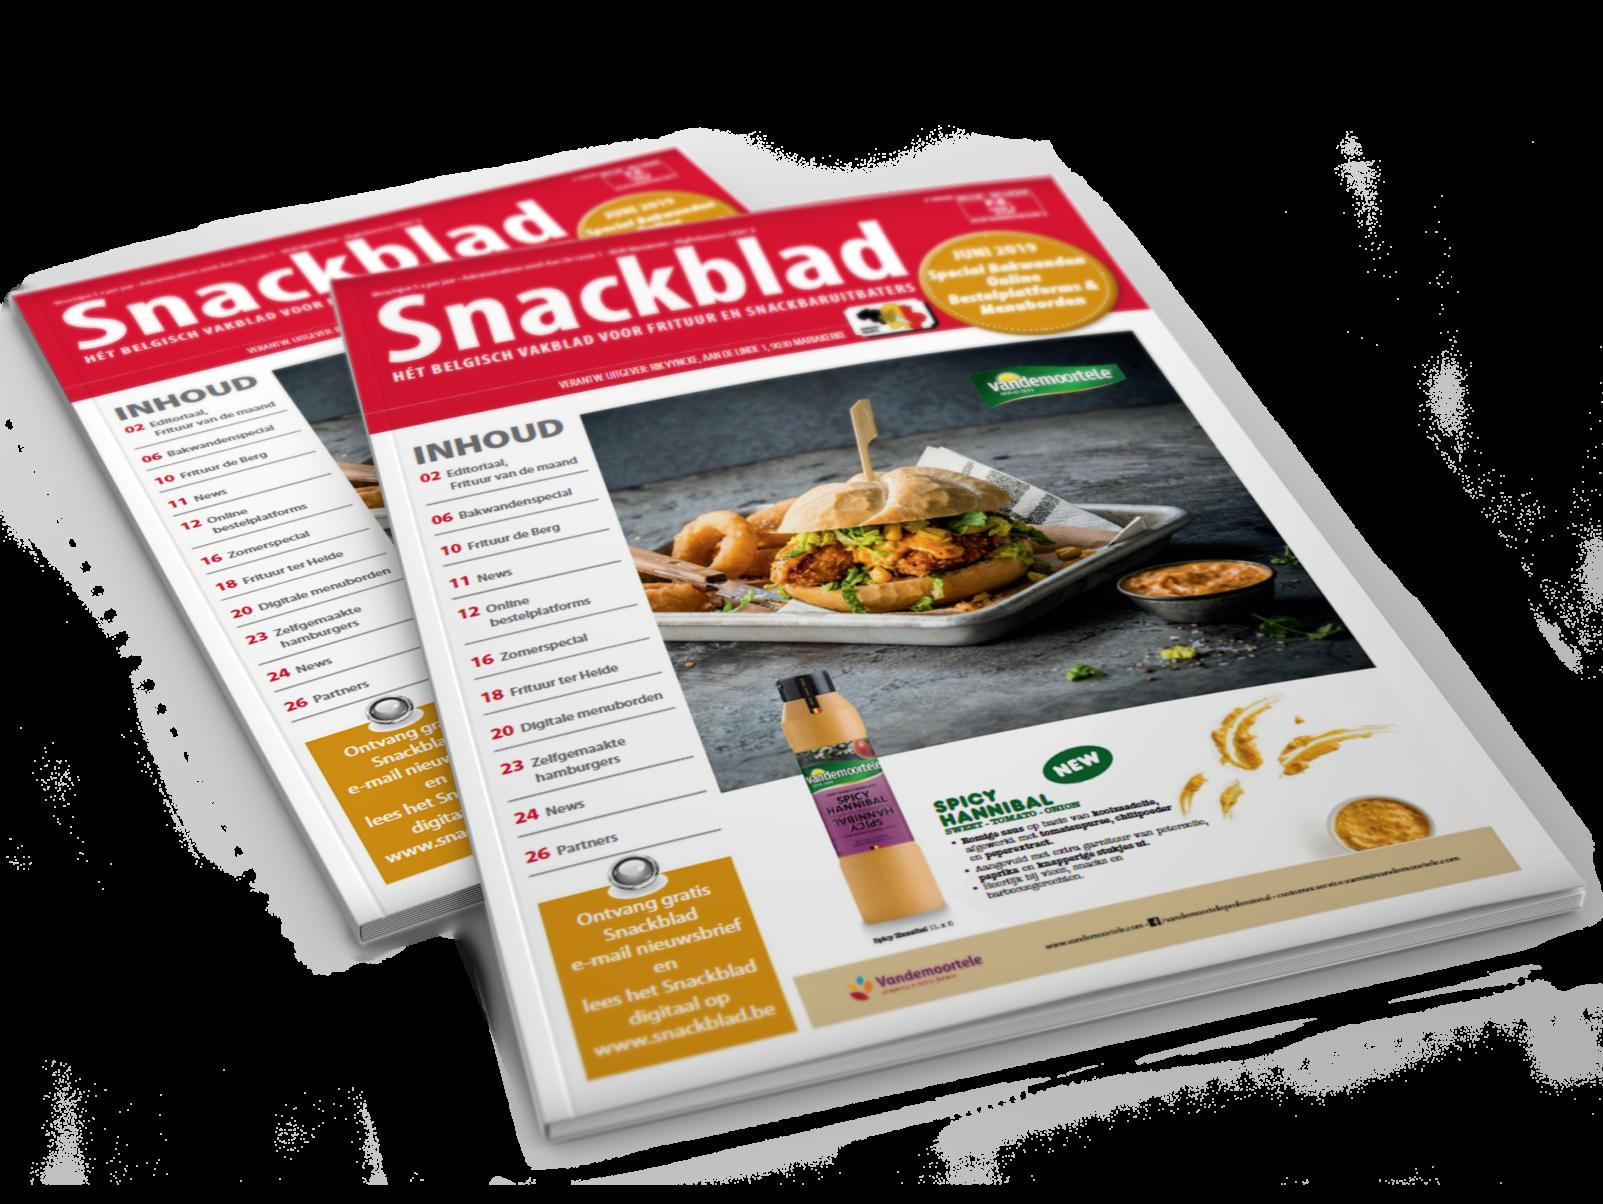 Snackblad Cover